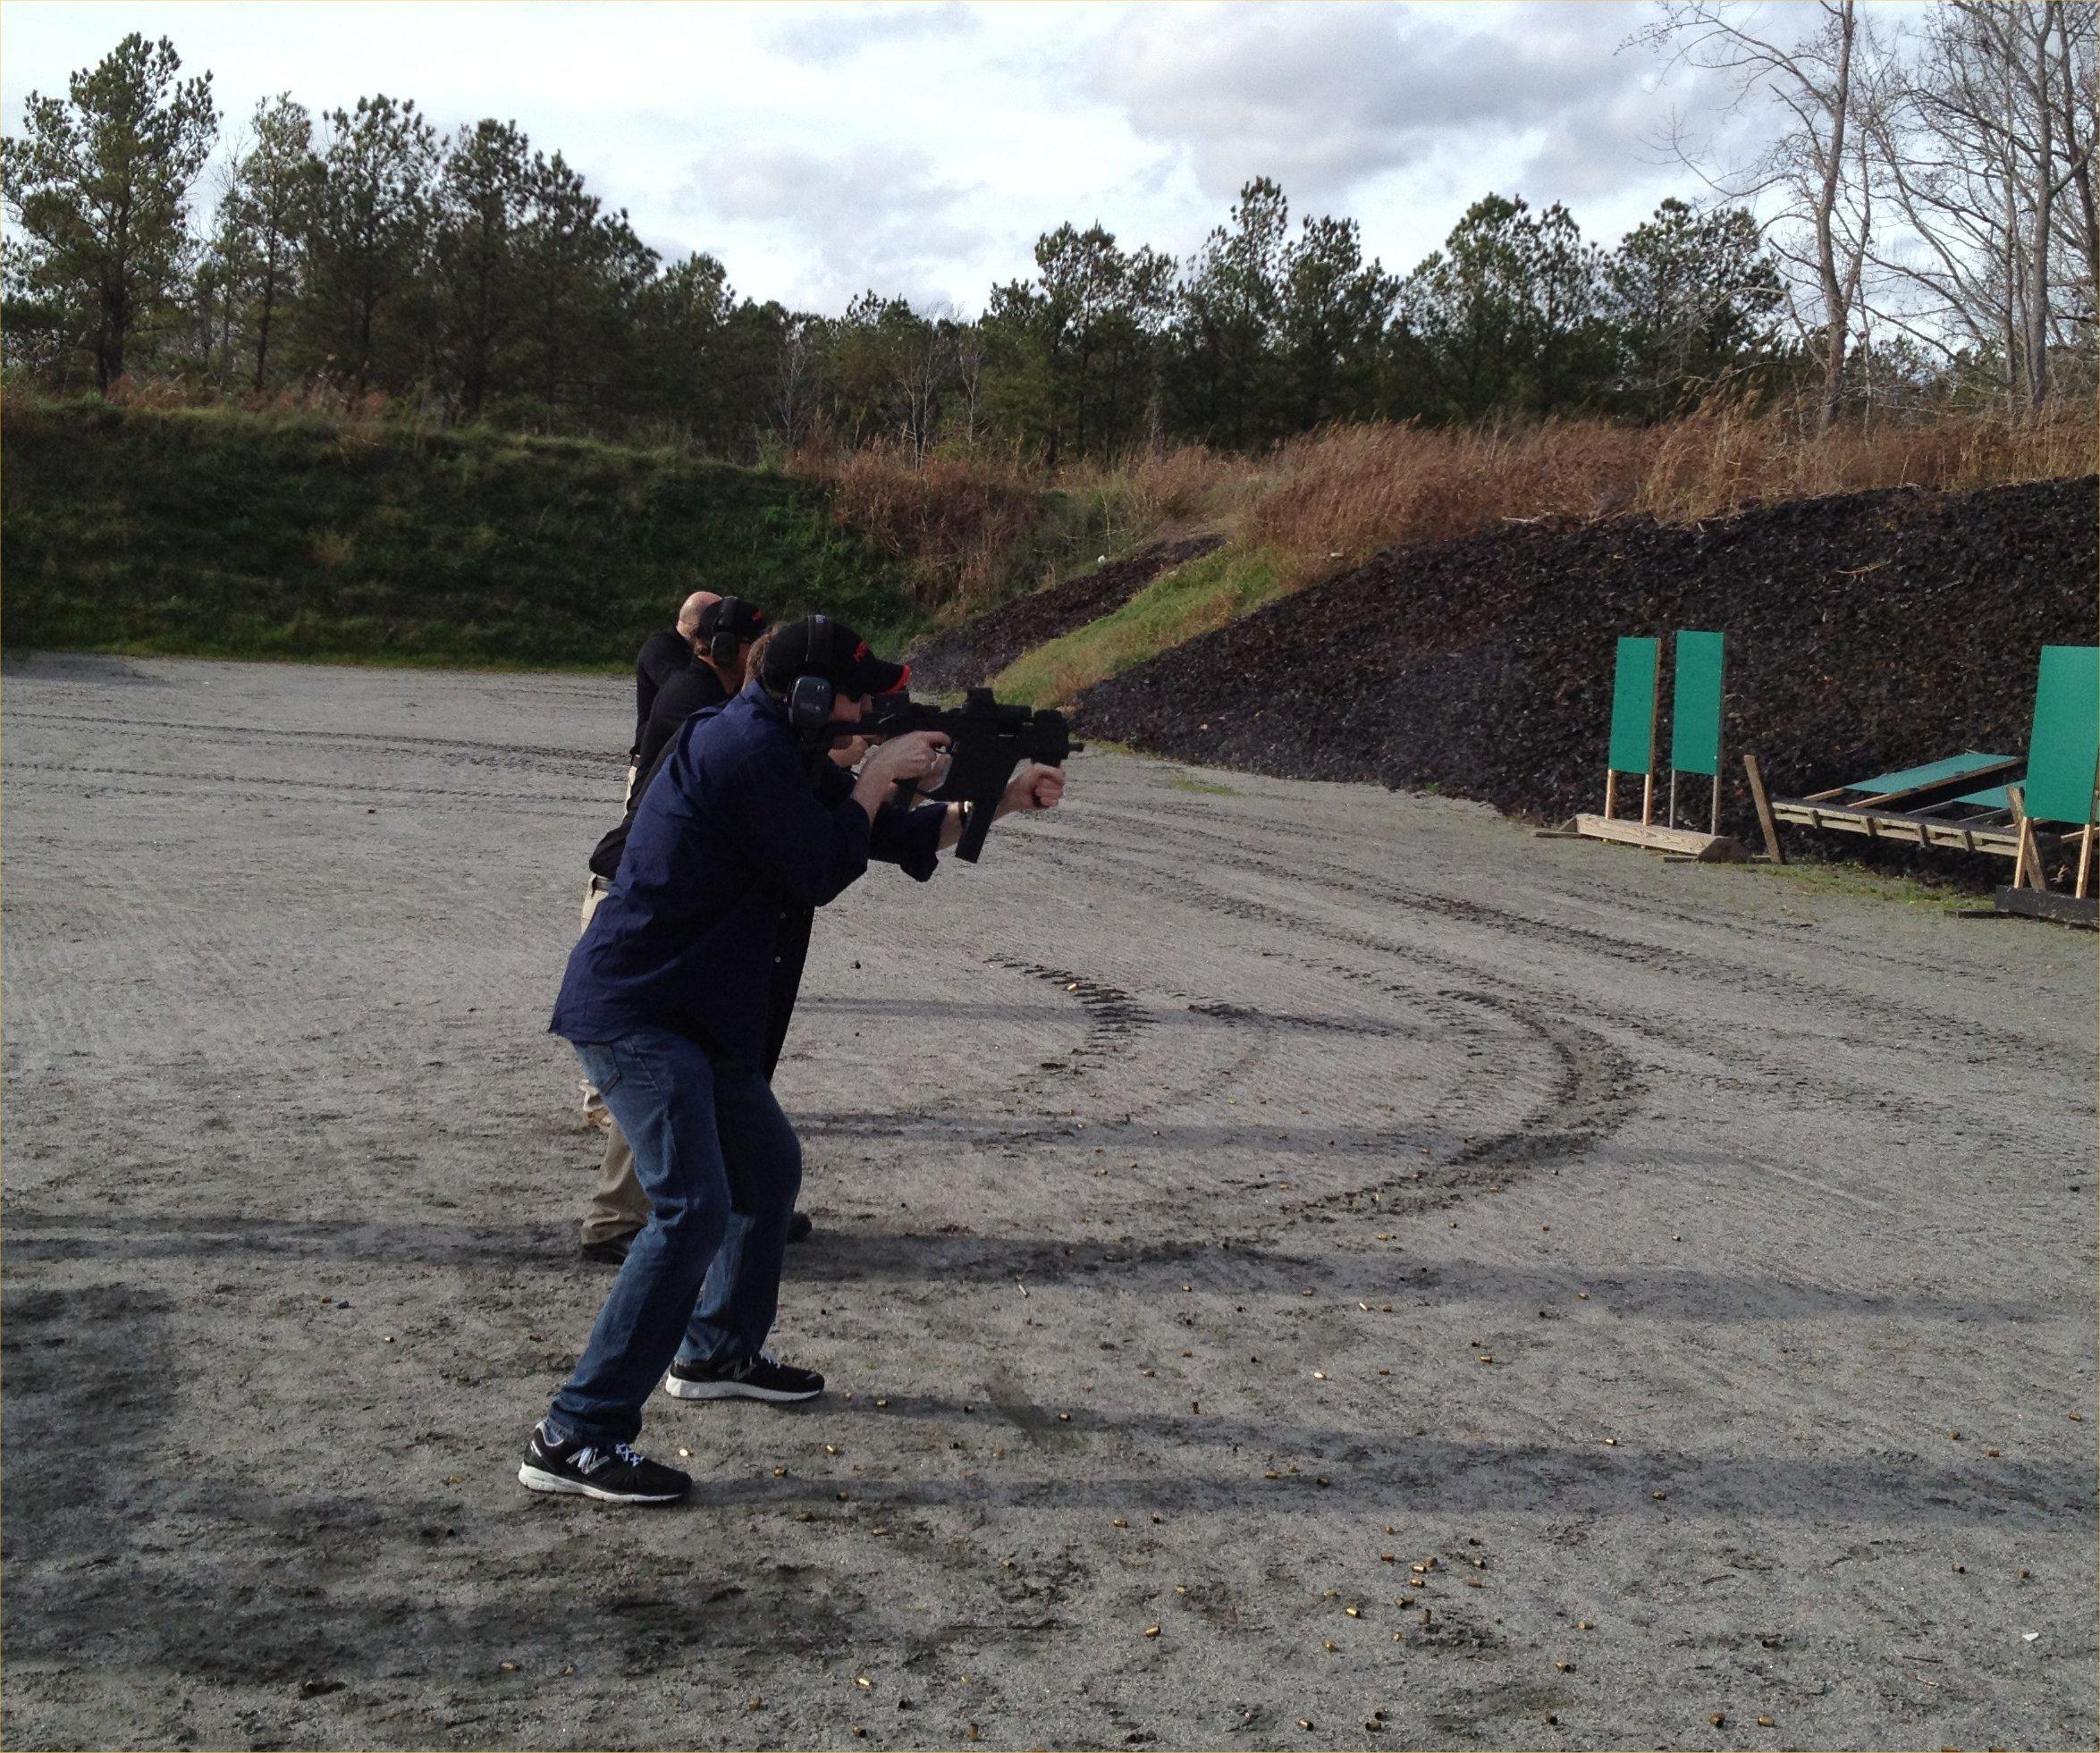 DR Runs KRISS Vector SMG .45 ACP Submachine Gun at the Range in Virginia Beach (Videos!)